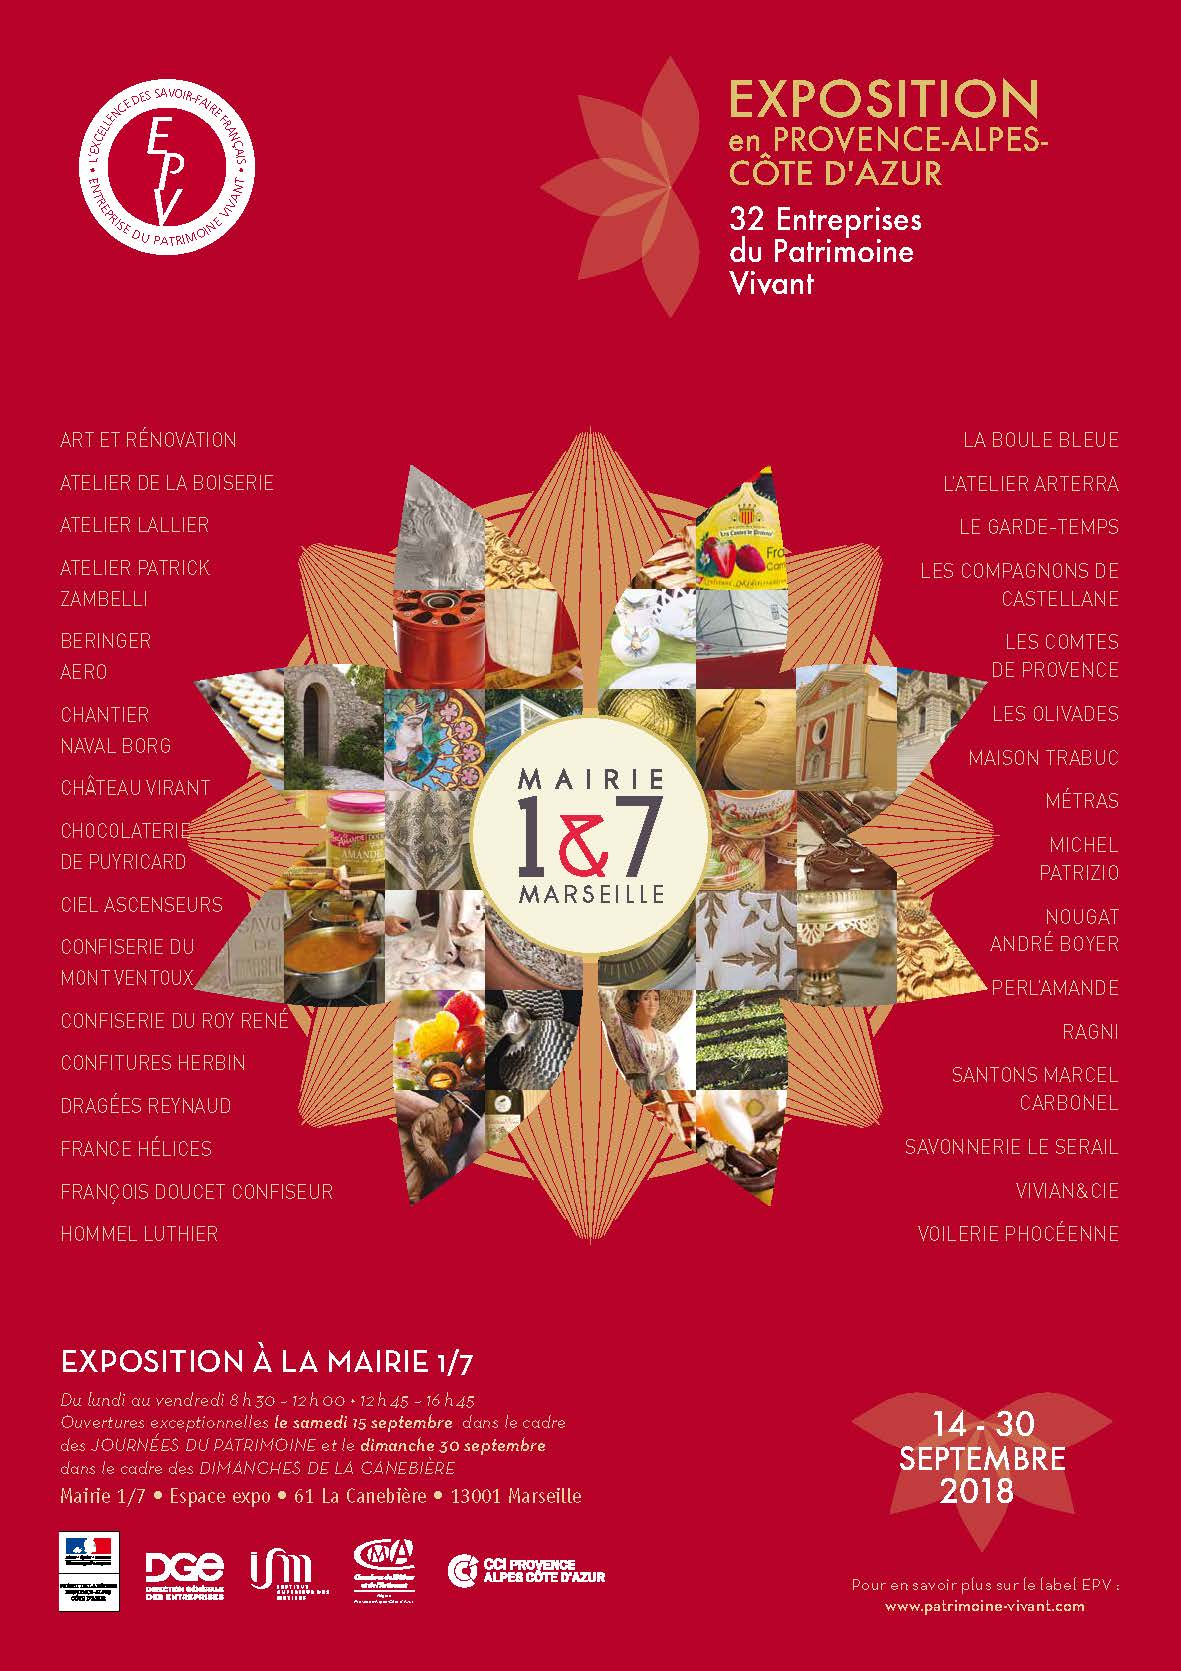 Du 14/09 au 30/09/2018 : Exposition des Entreprises du Patrimoine Vivant de la région P.A.C.A